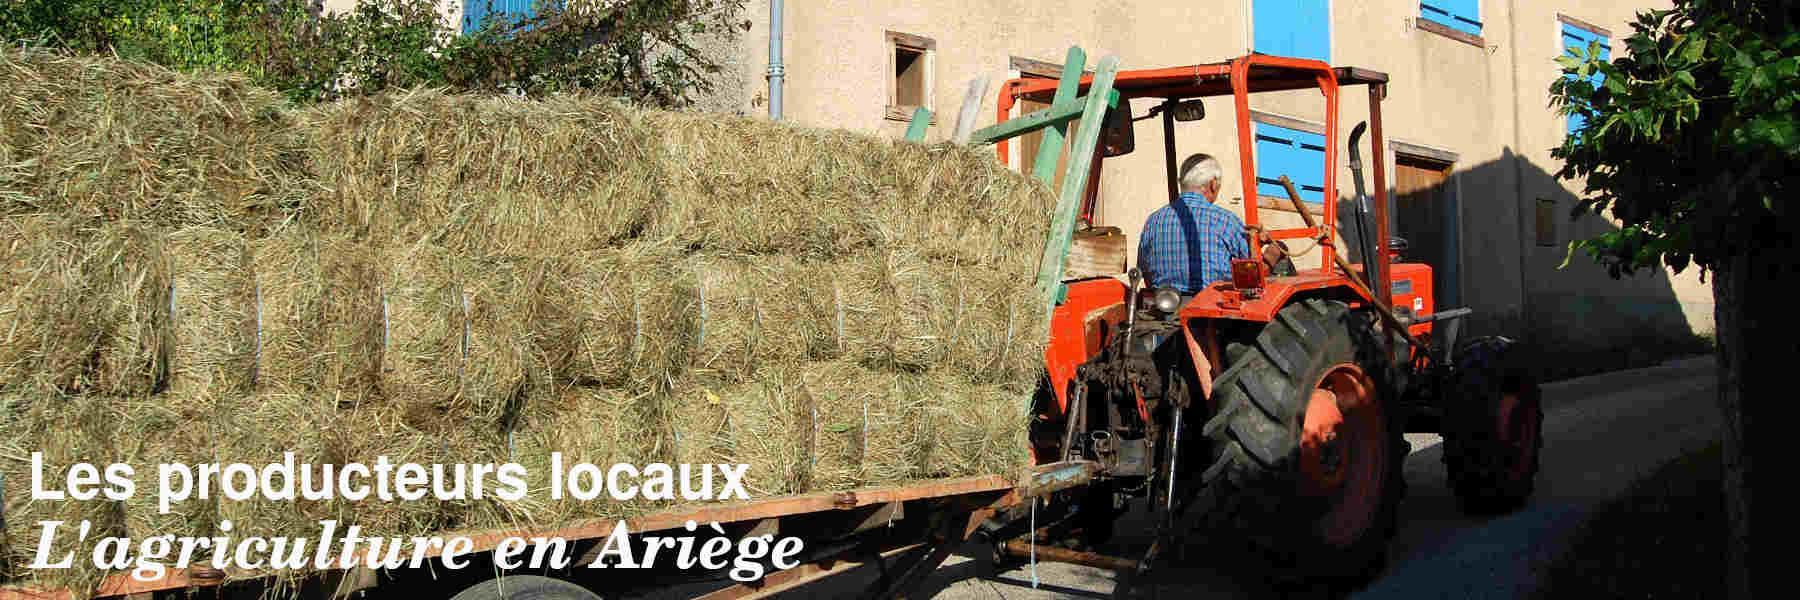 Les producteurs locaux de l'Ariège